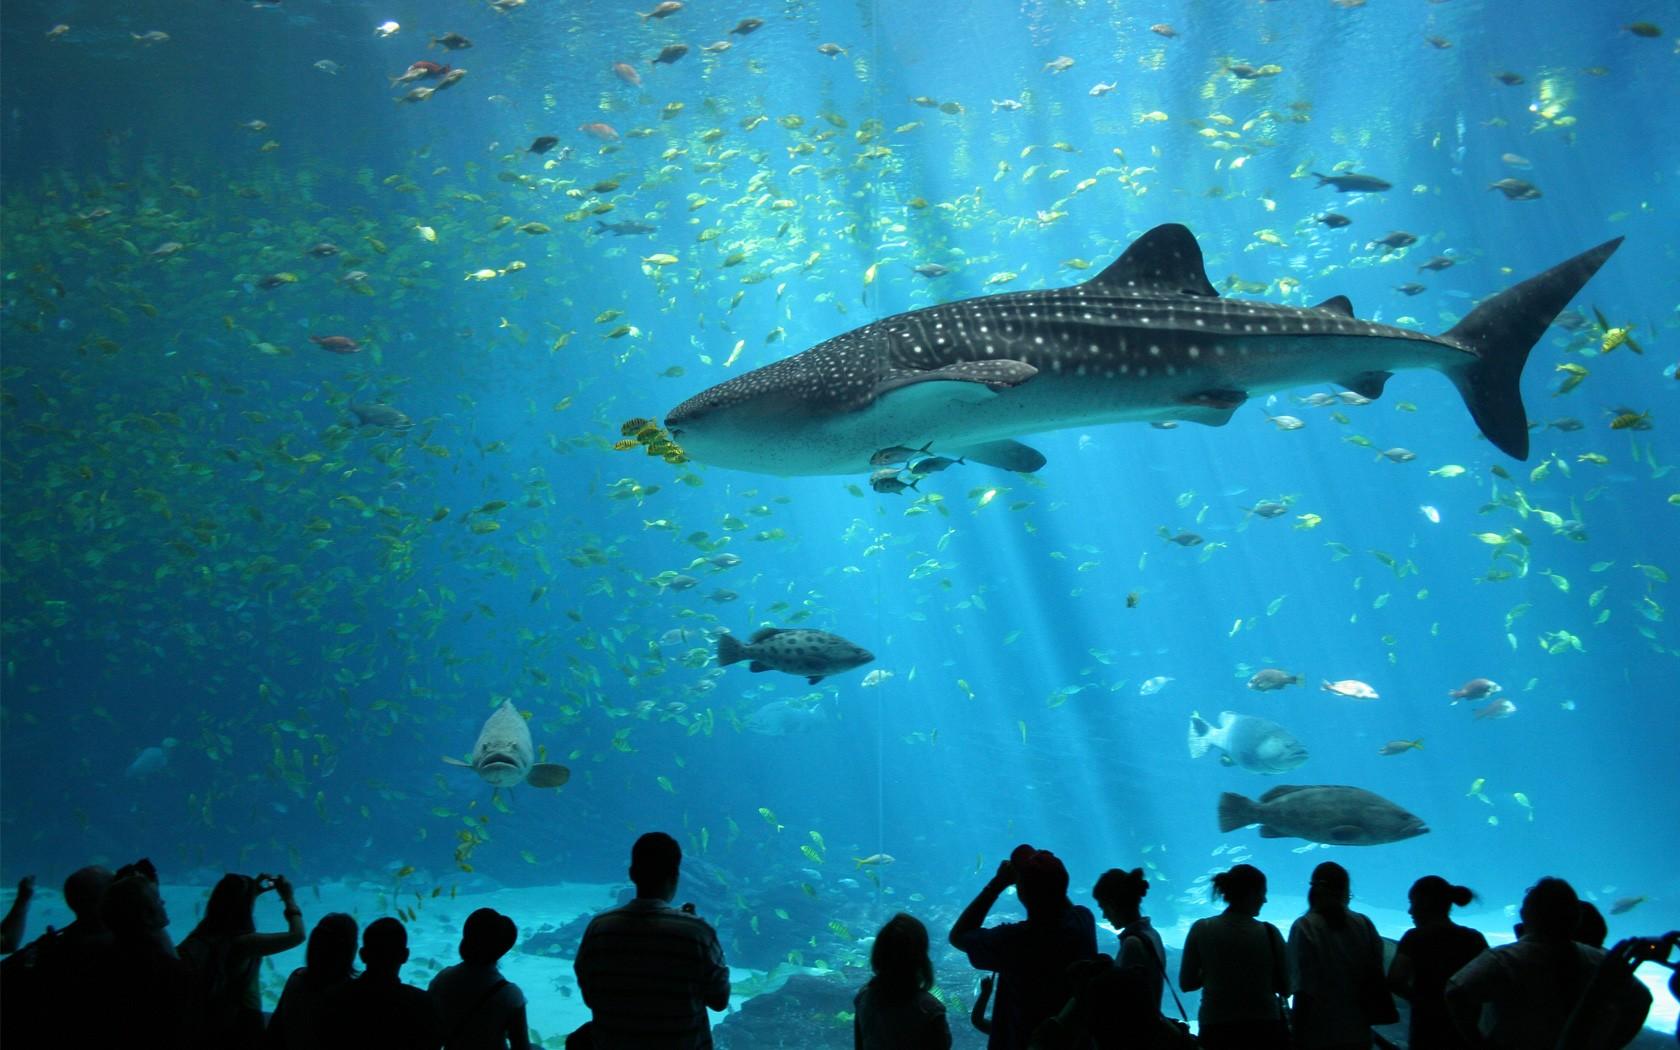 Animales marinos en acuario - 1680x1050